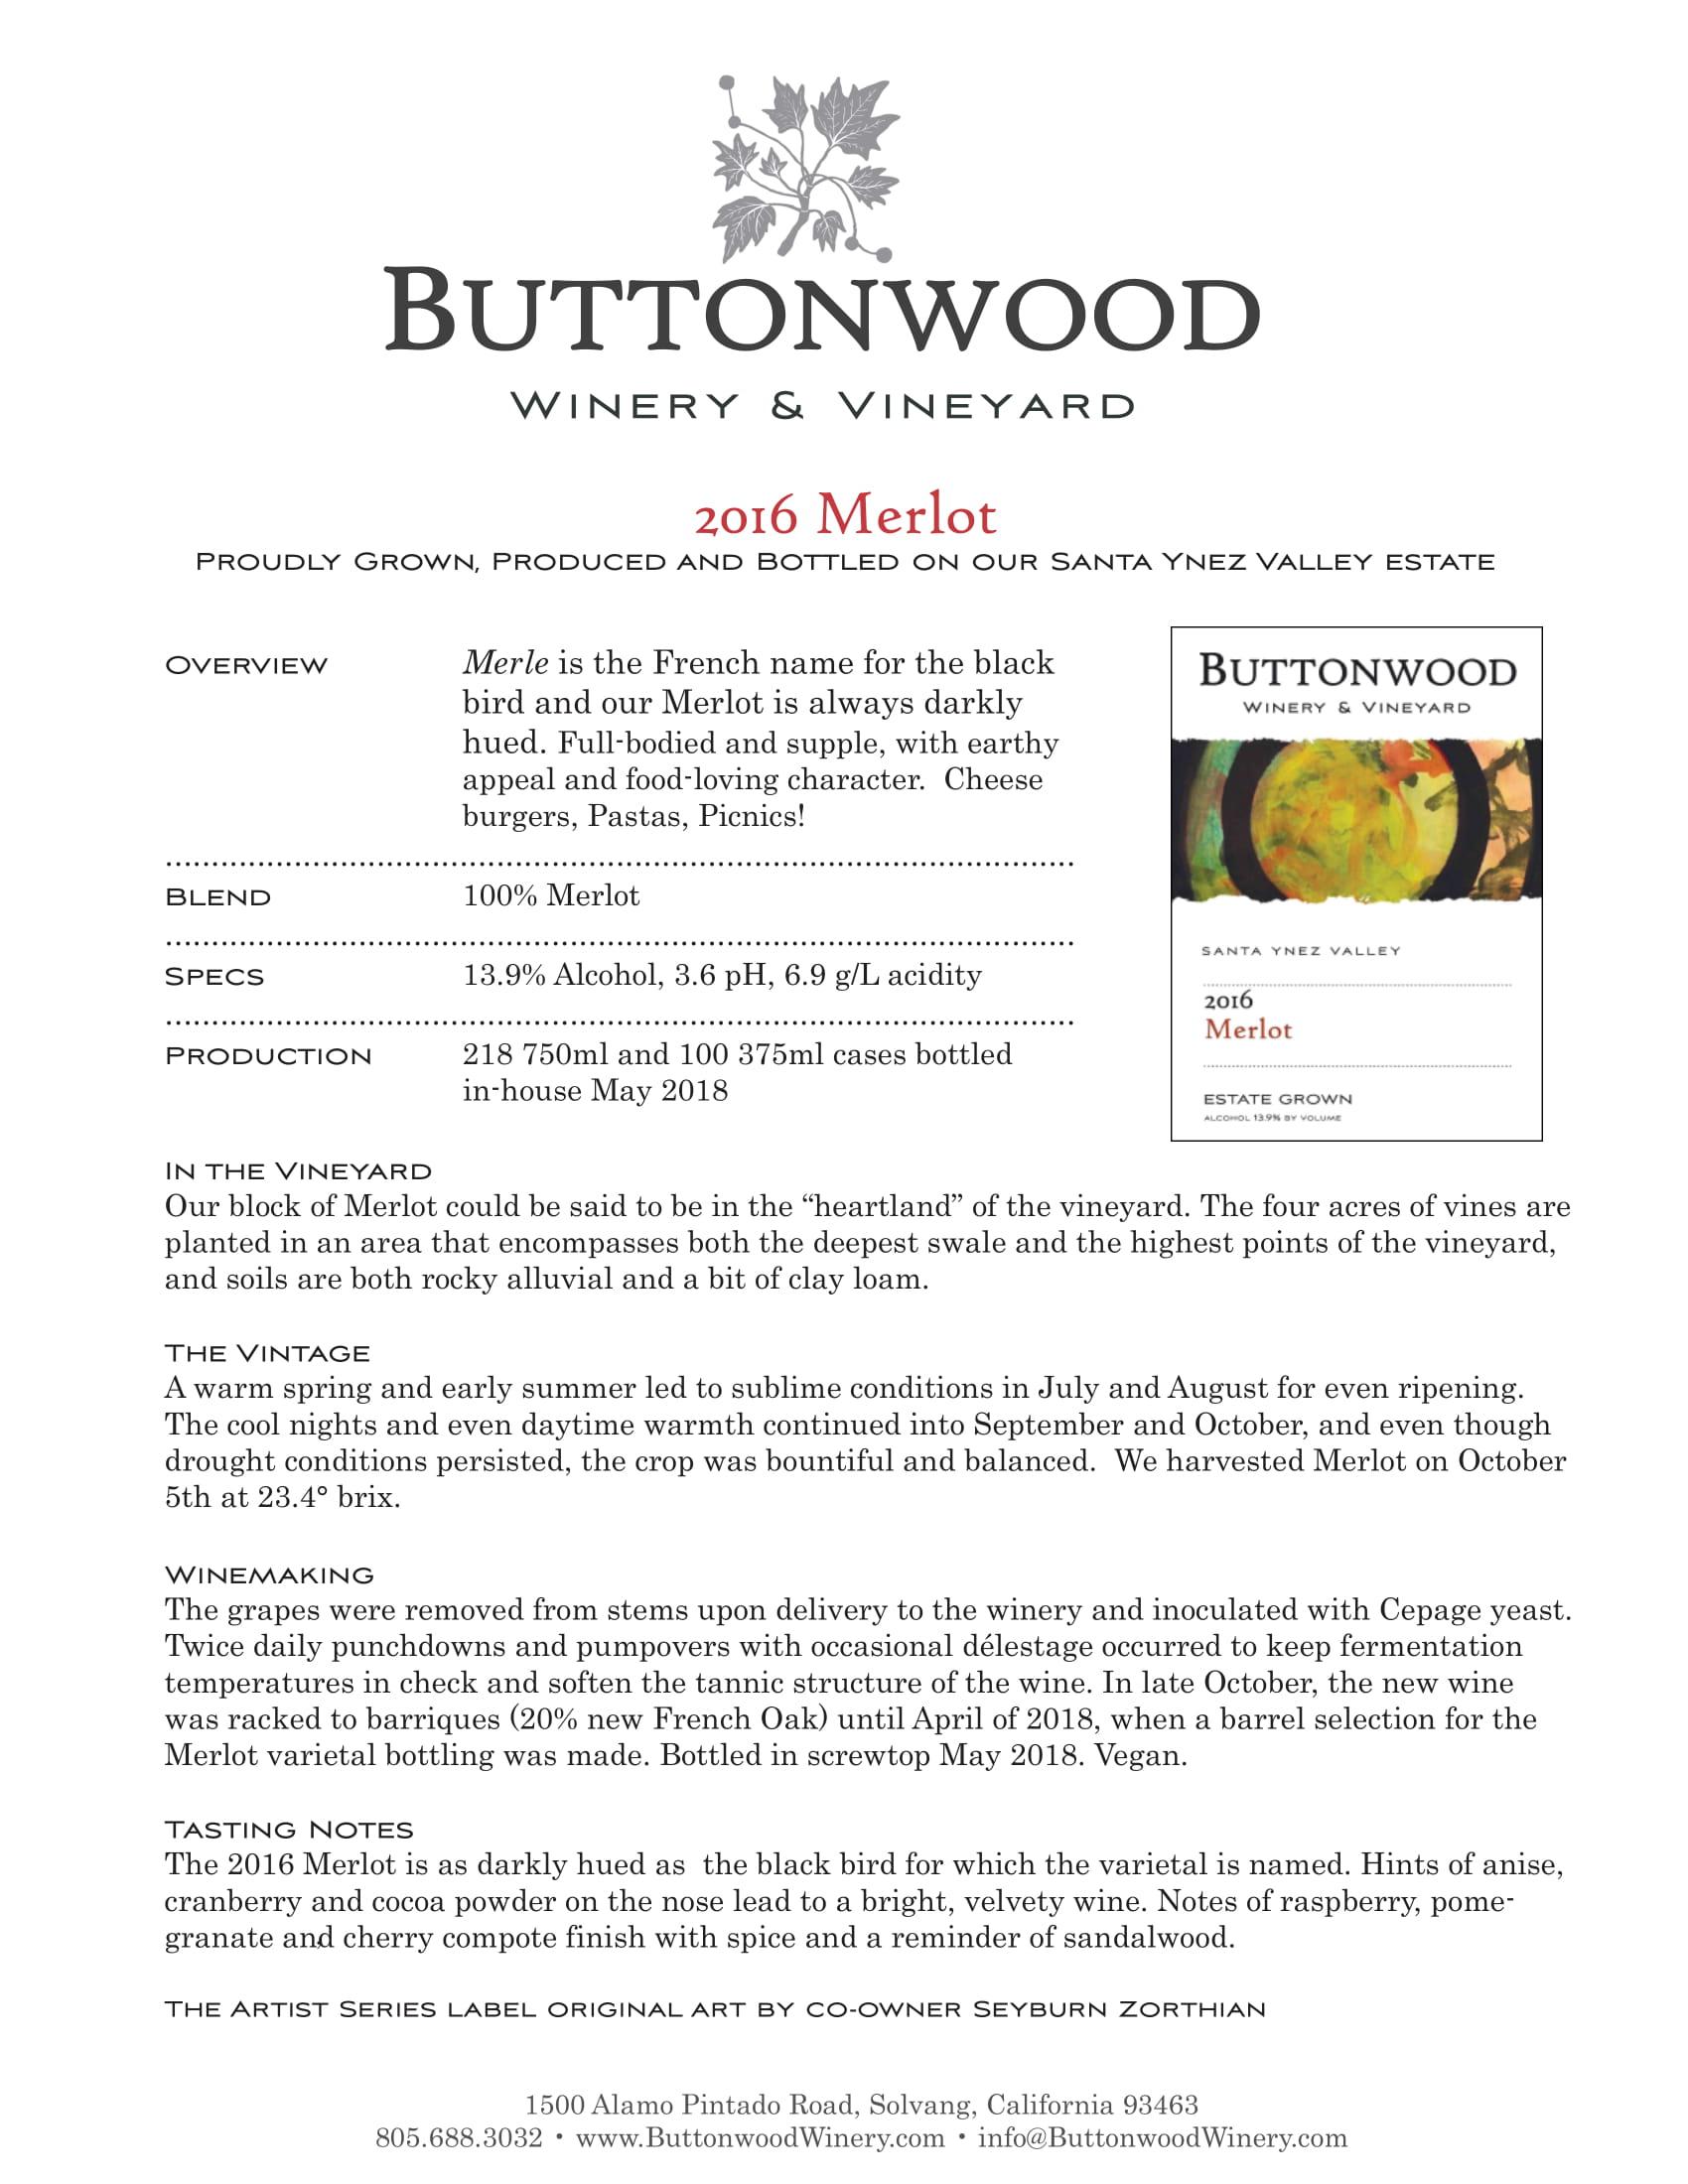 Buttonwood Merlot Tech Sheet